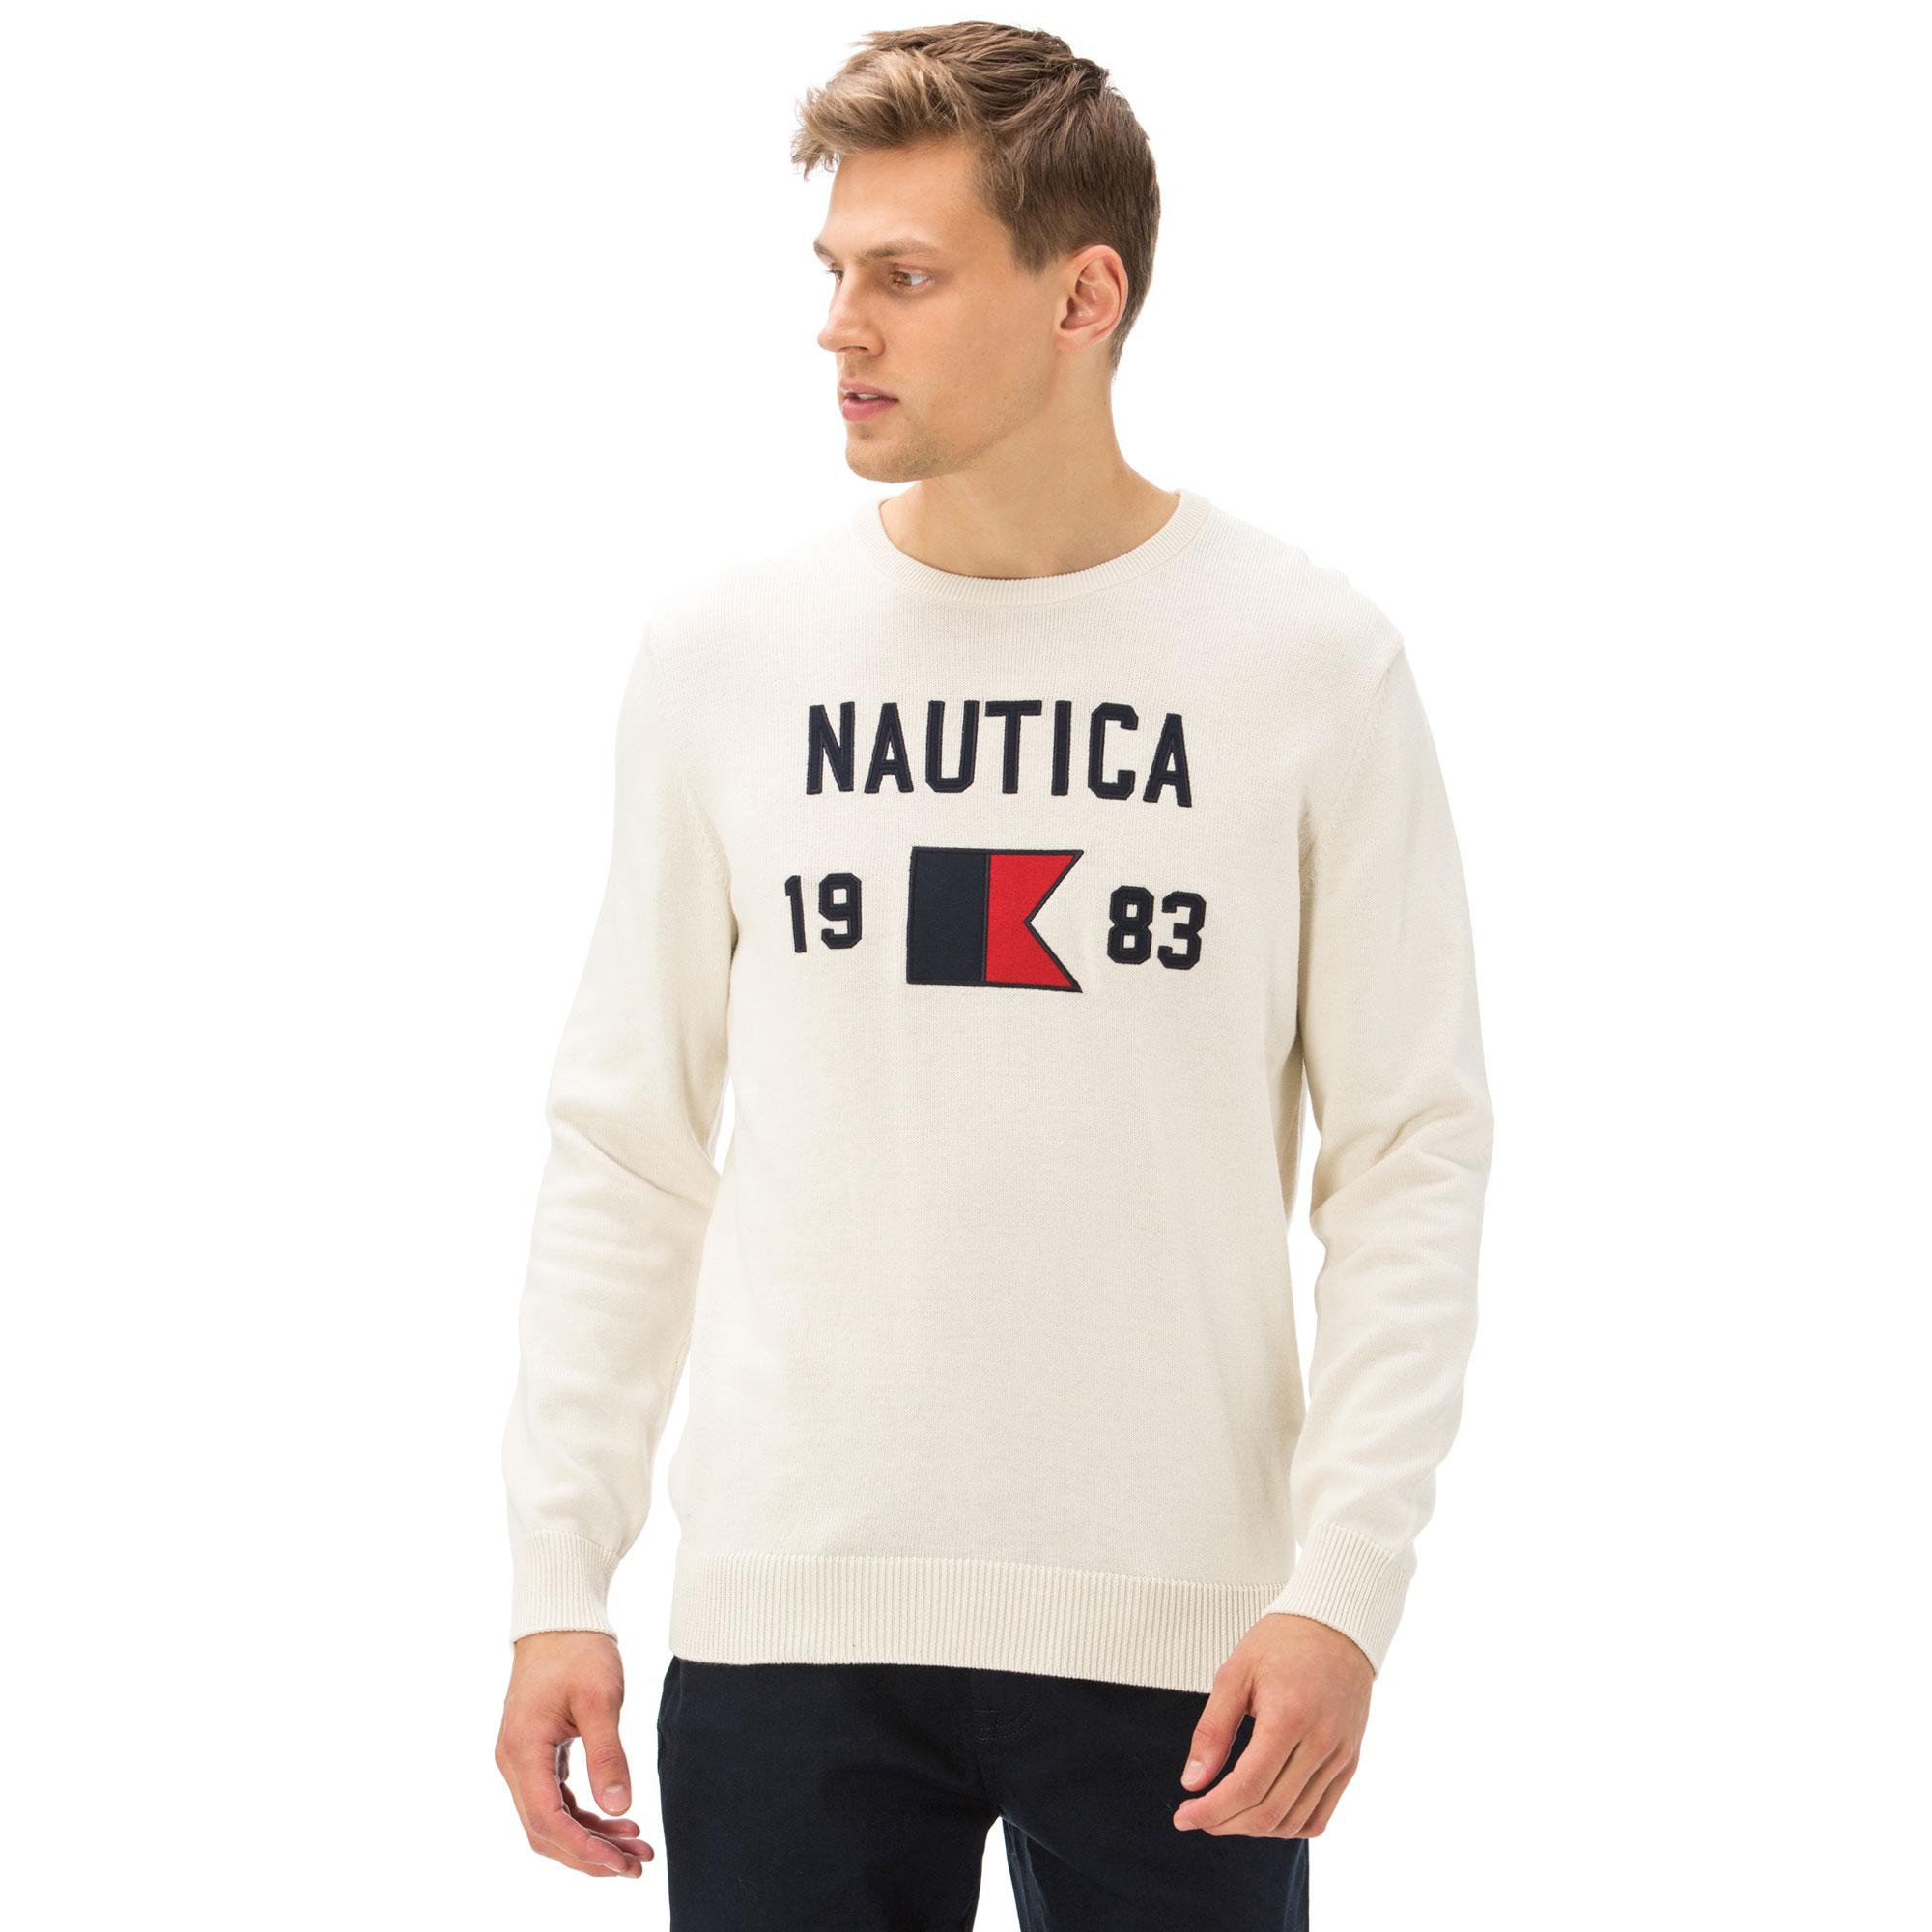 Nautica Erkek Classıc Fıt Kırık Beyaz Triko